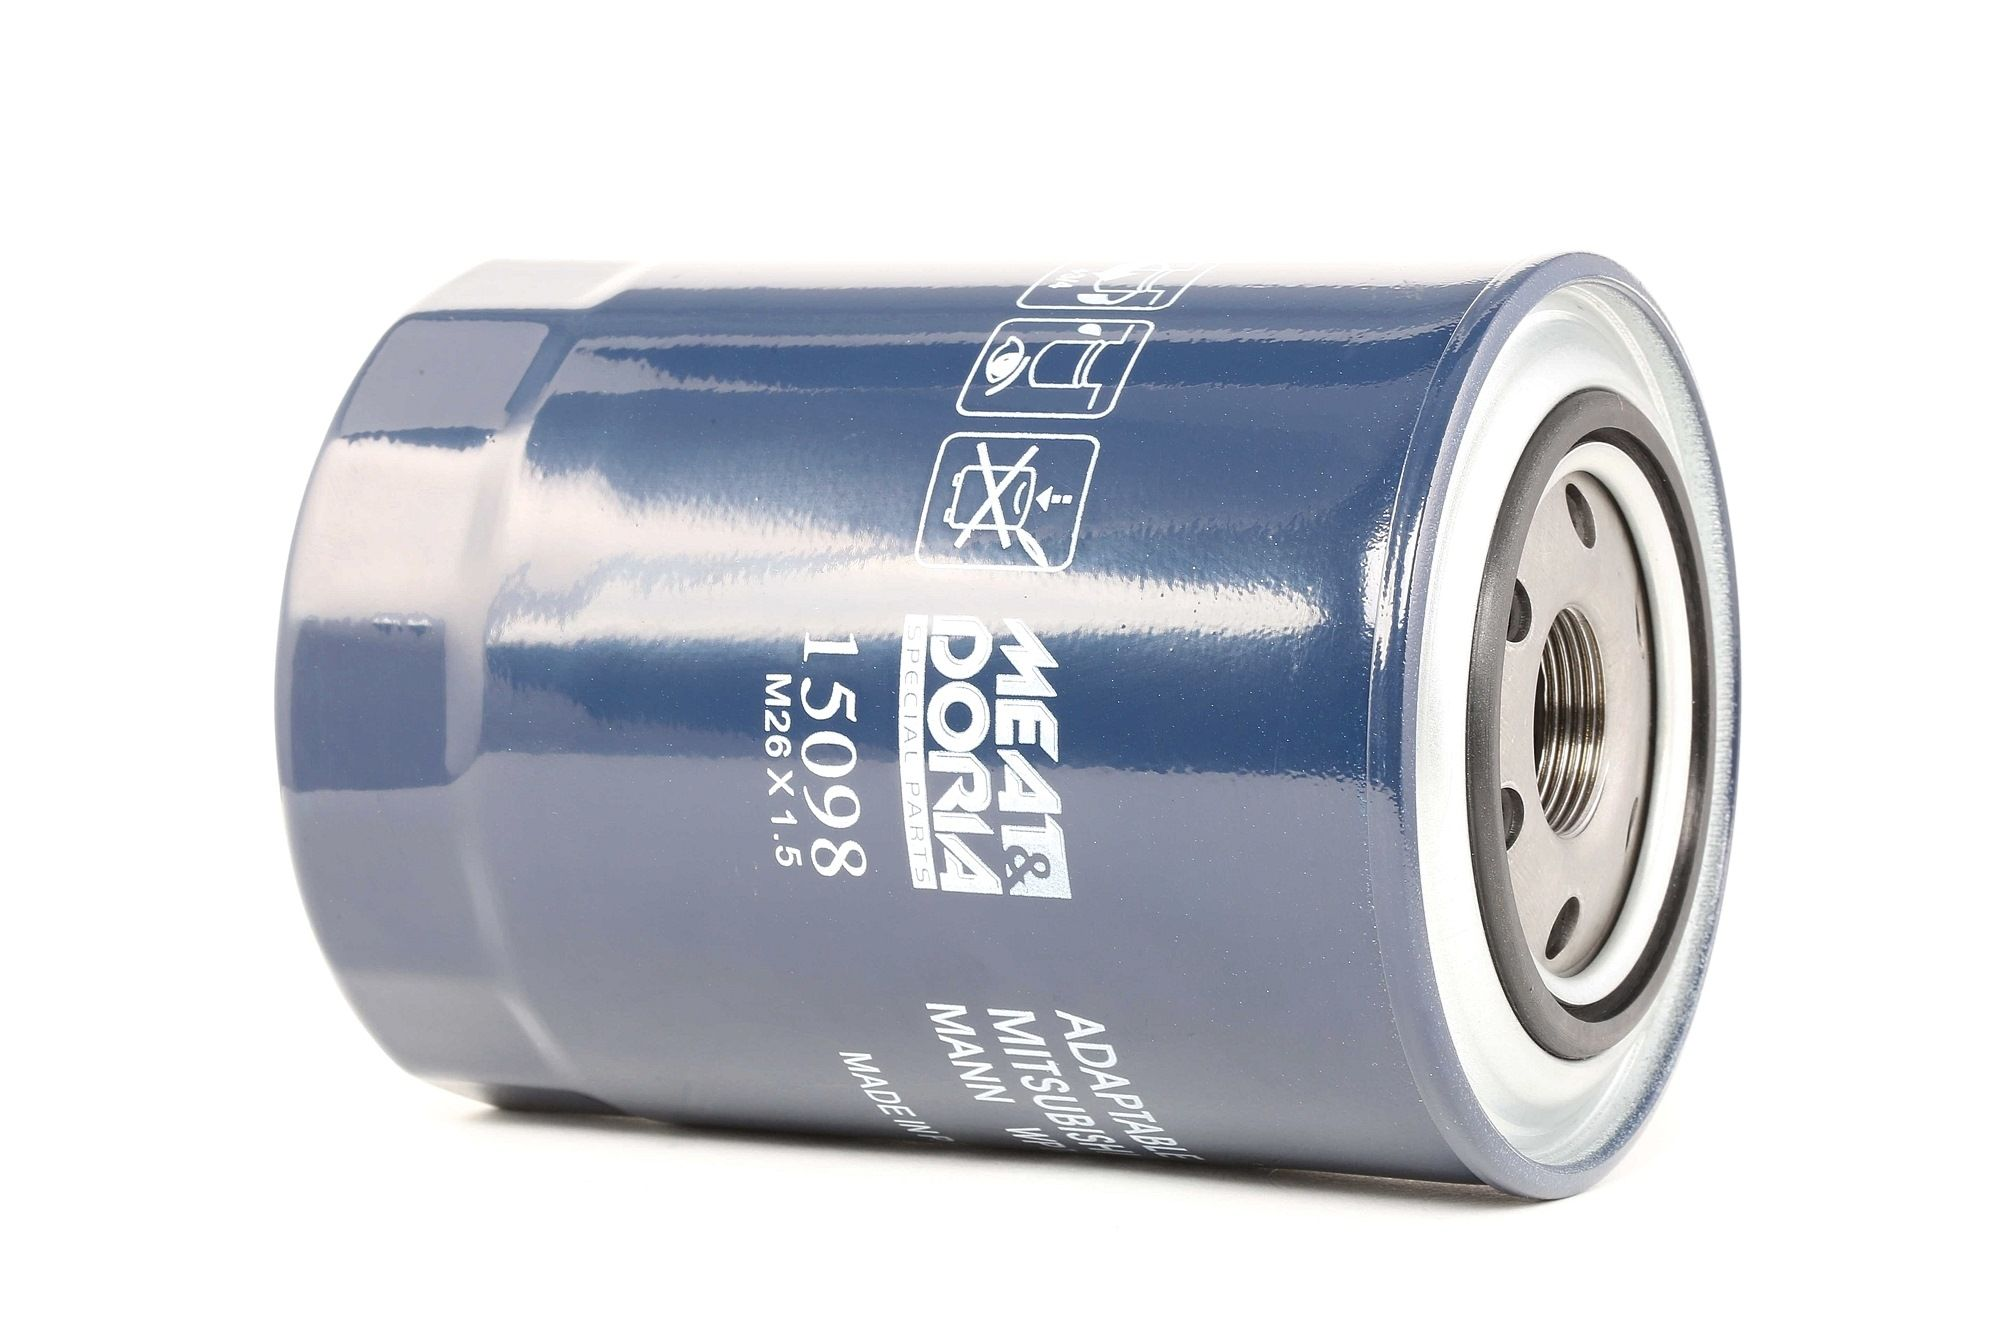 15098 MEAT & DORIA Oliefilter til MITSUBISHI Canter (FE5, FE6) 6.Generation - køb nu